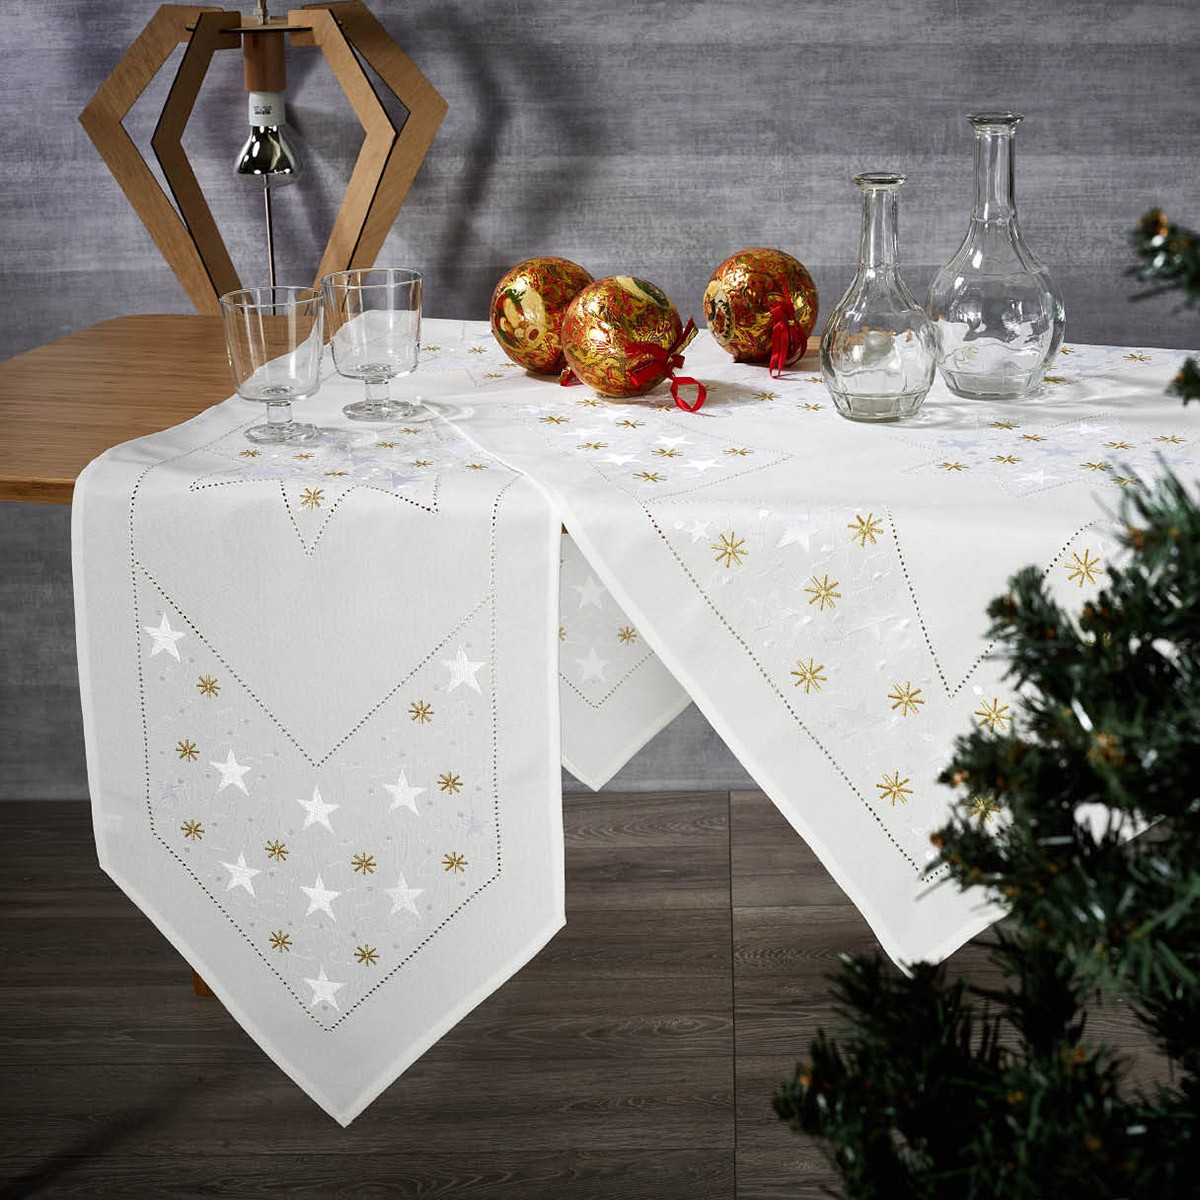 Χριστουγεννιάτικο Καρέ White Egg 41150/B home   χριστουγεννιάτικα   χριστουγεννιάτικα καρέ